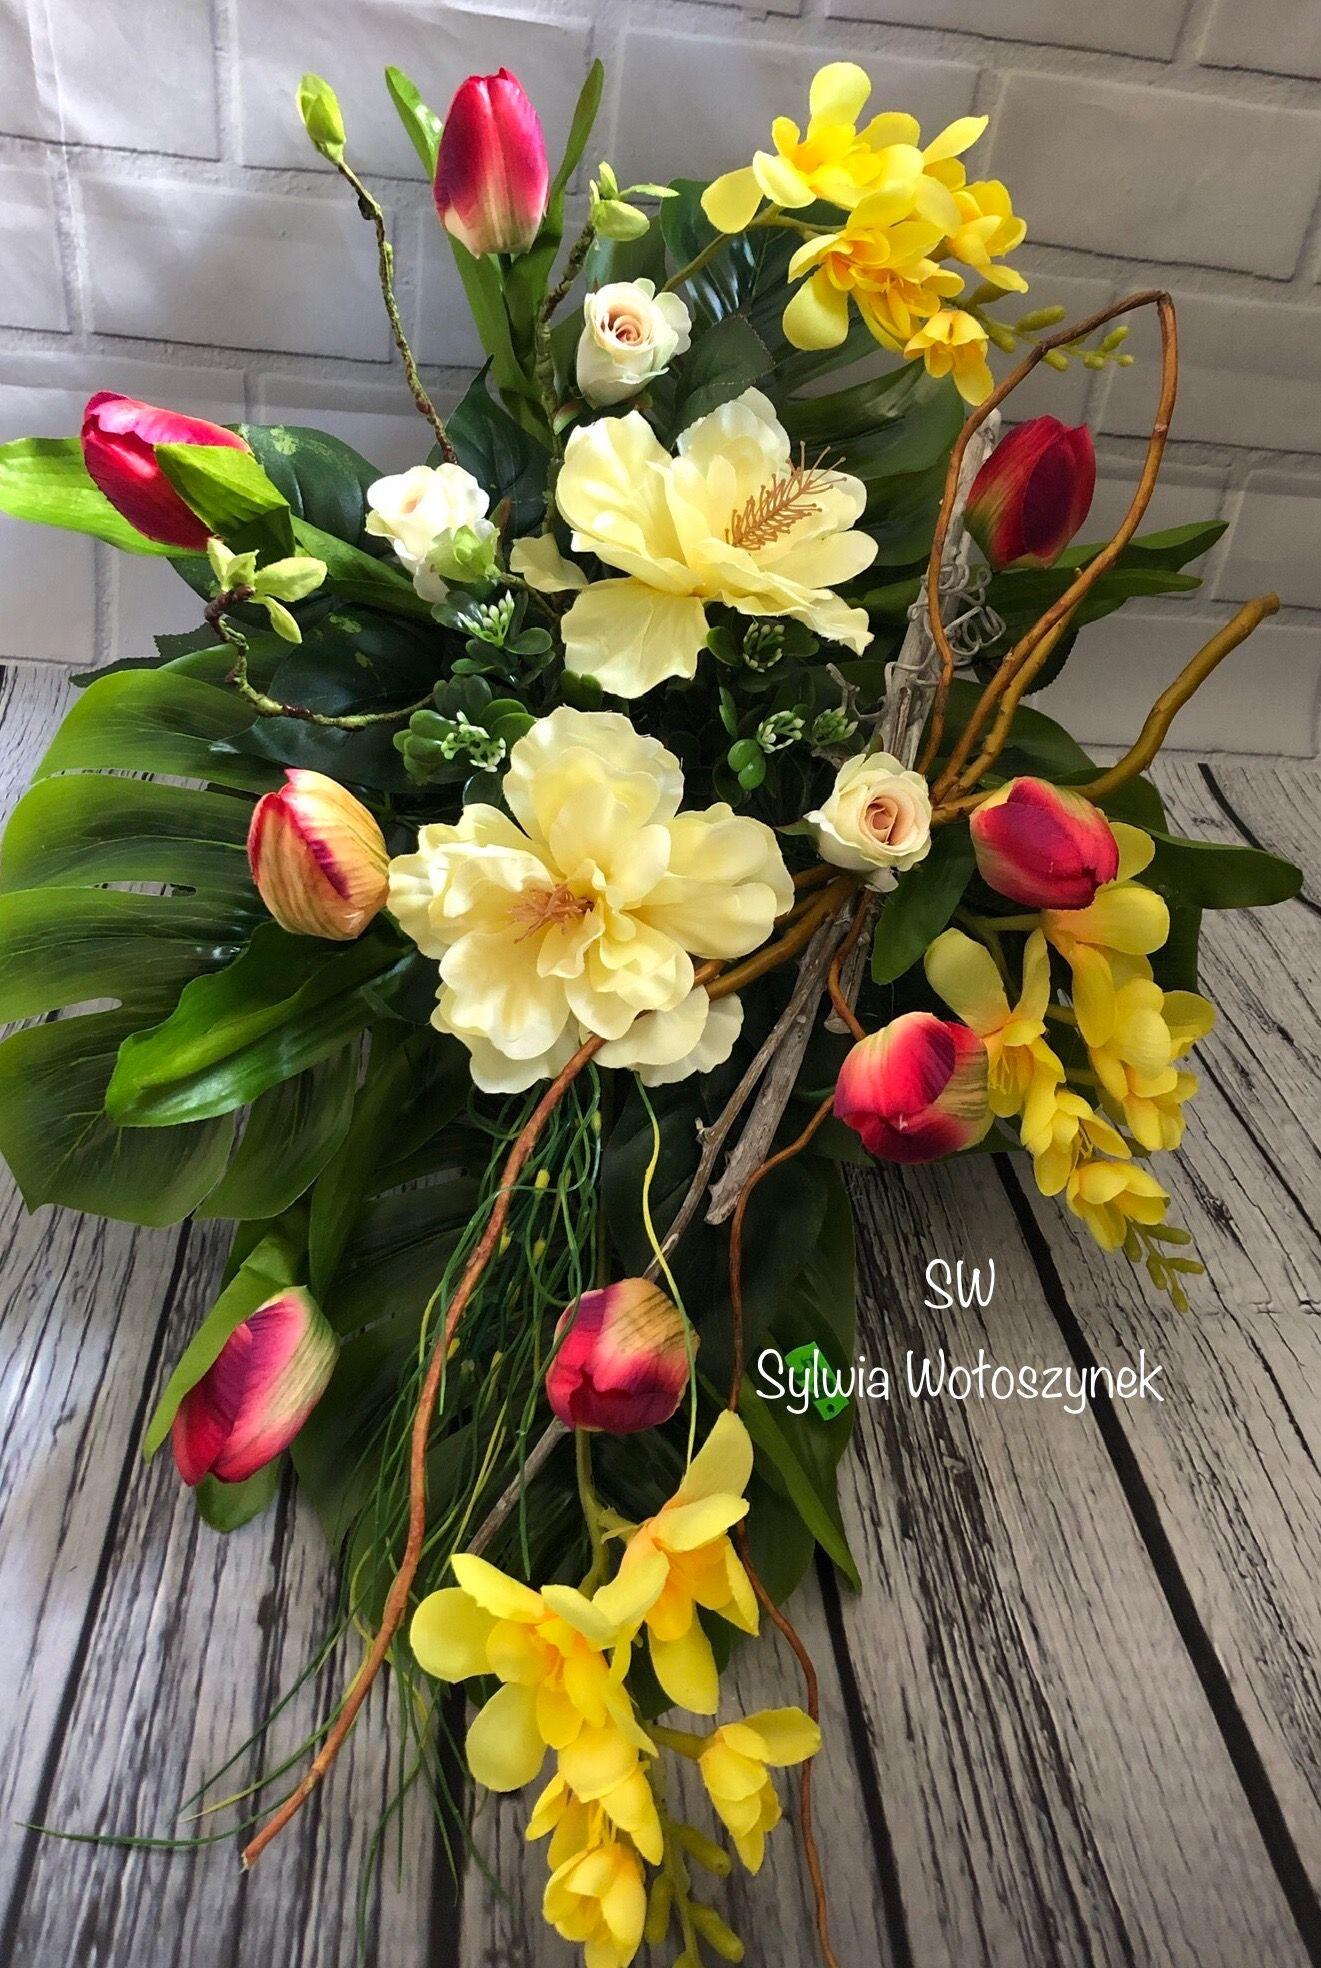 Kompozycja Nagrobna Wiosna 2019 Wyk Sylwia Woloszynek Fall Floral Arrangements Beautiful Flower Arrangements Flower Arrangements